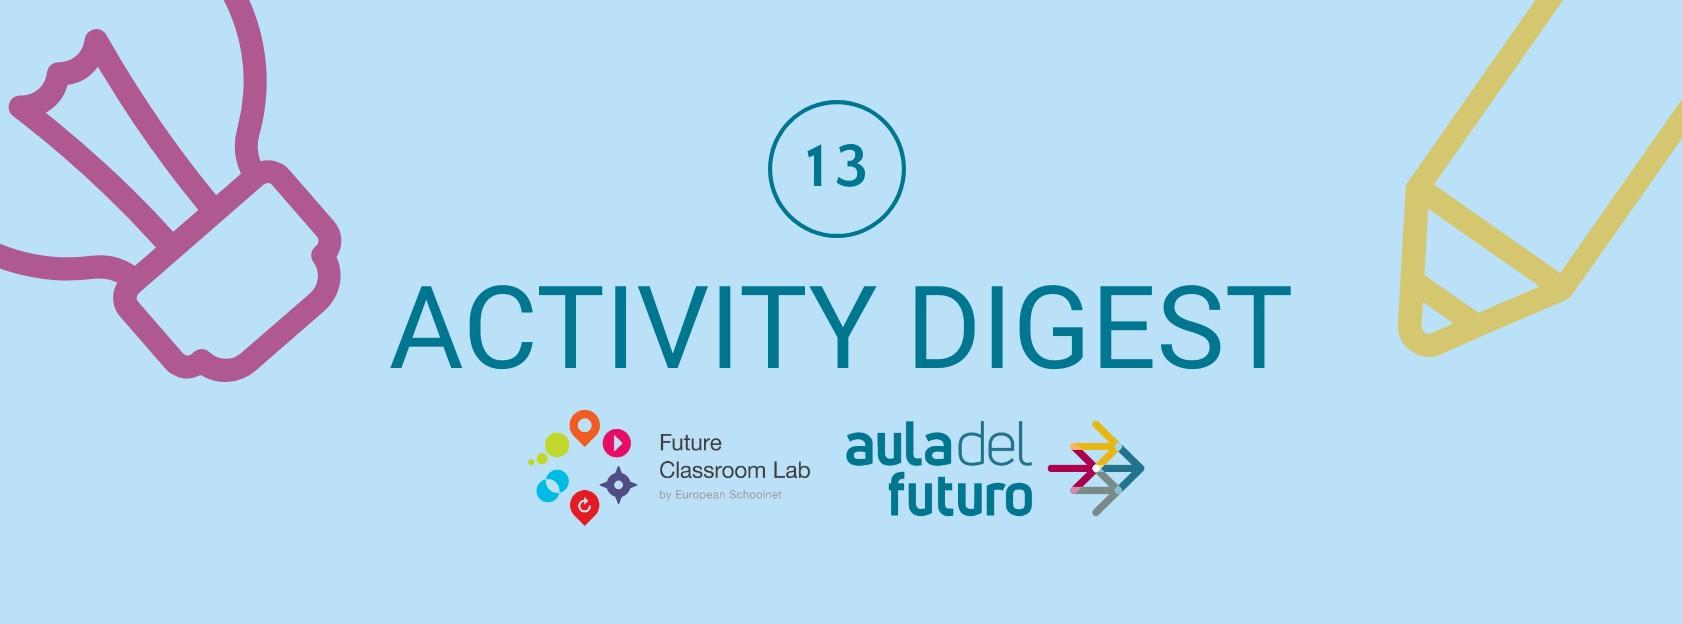 Imagen descriptiva del Activity Digest